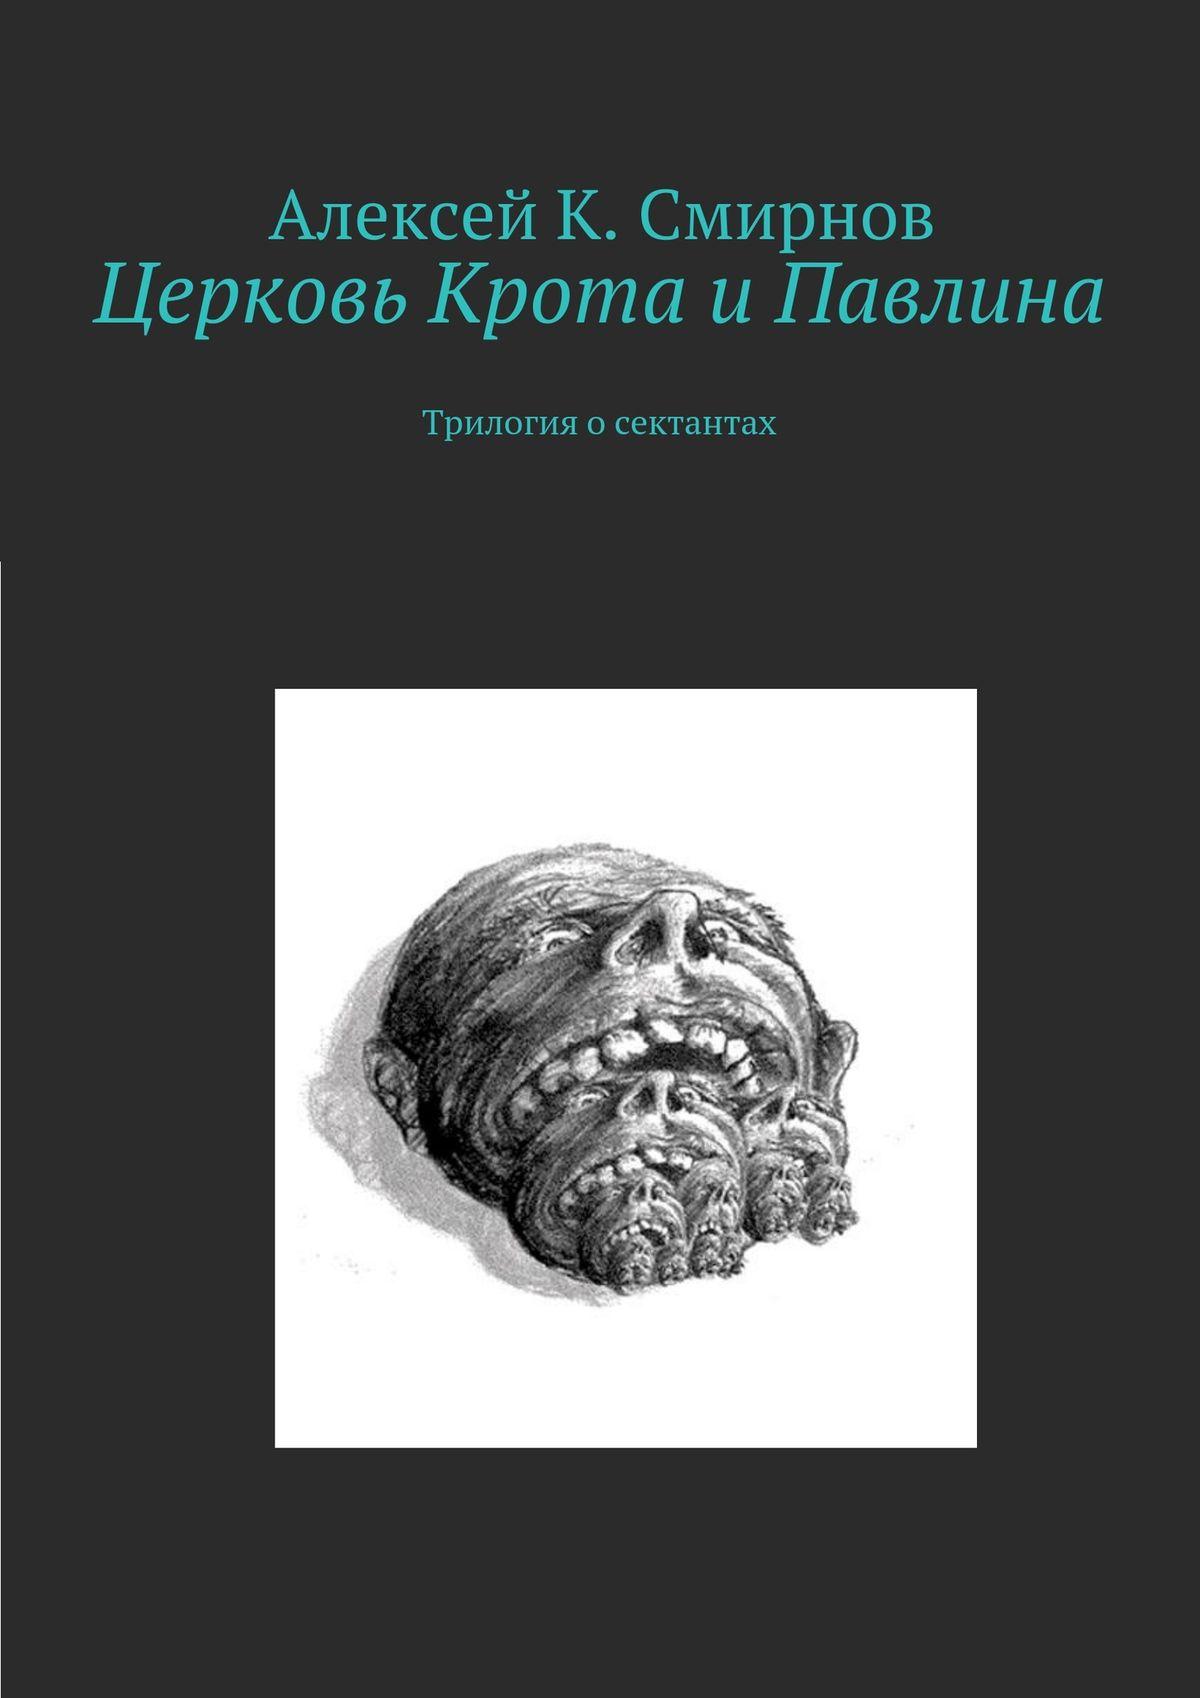 Церковь Крота иПавлина. Трилогия осектантах